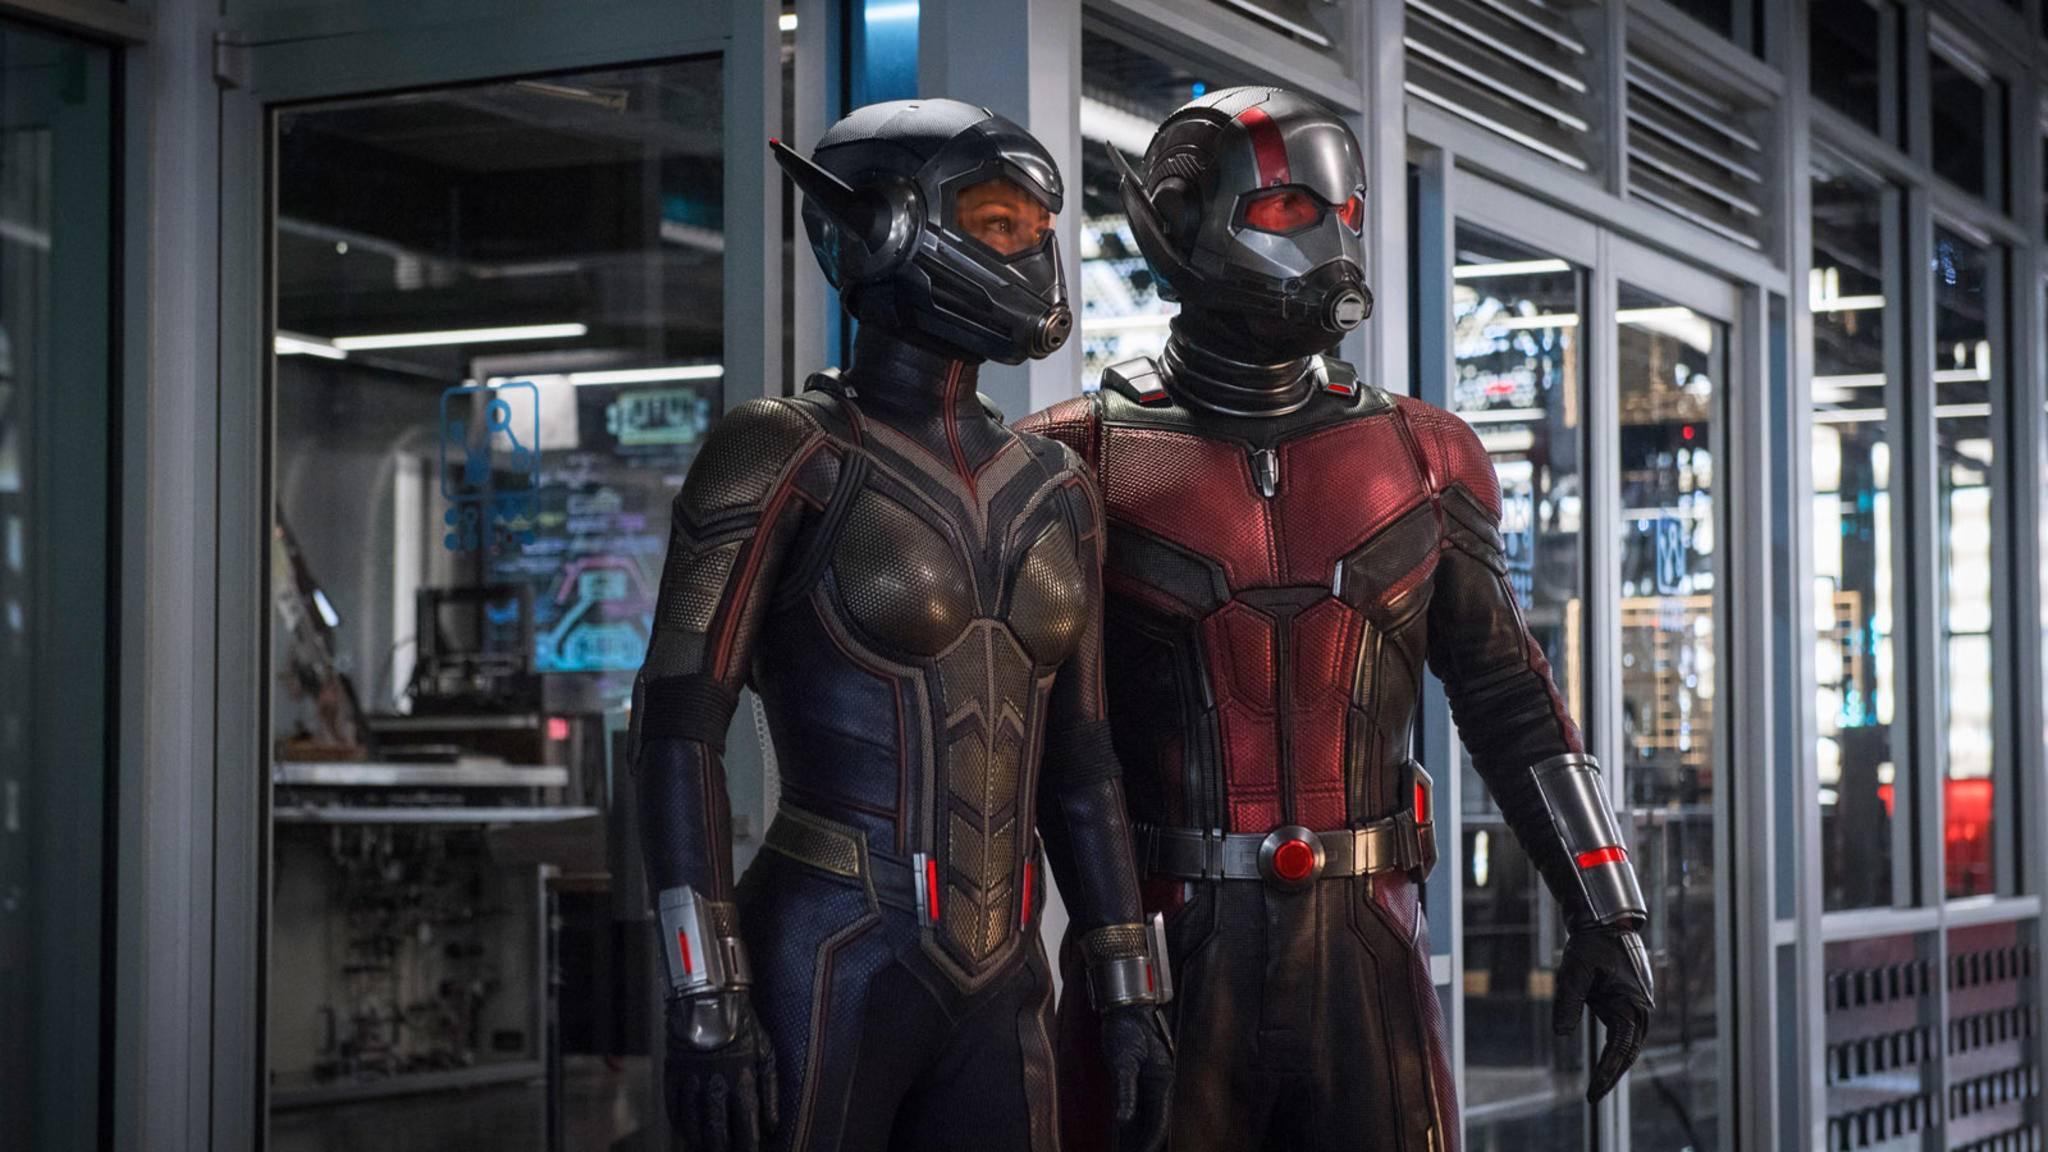 """Den aufregendsten weiblichen Marvel-Neuzugang bringt laut Kevin Feige """"Ant-Man and the Wasp"""" mit sich."""